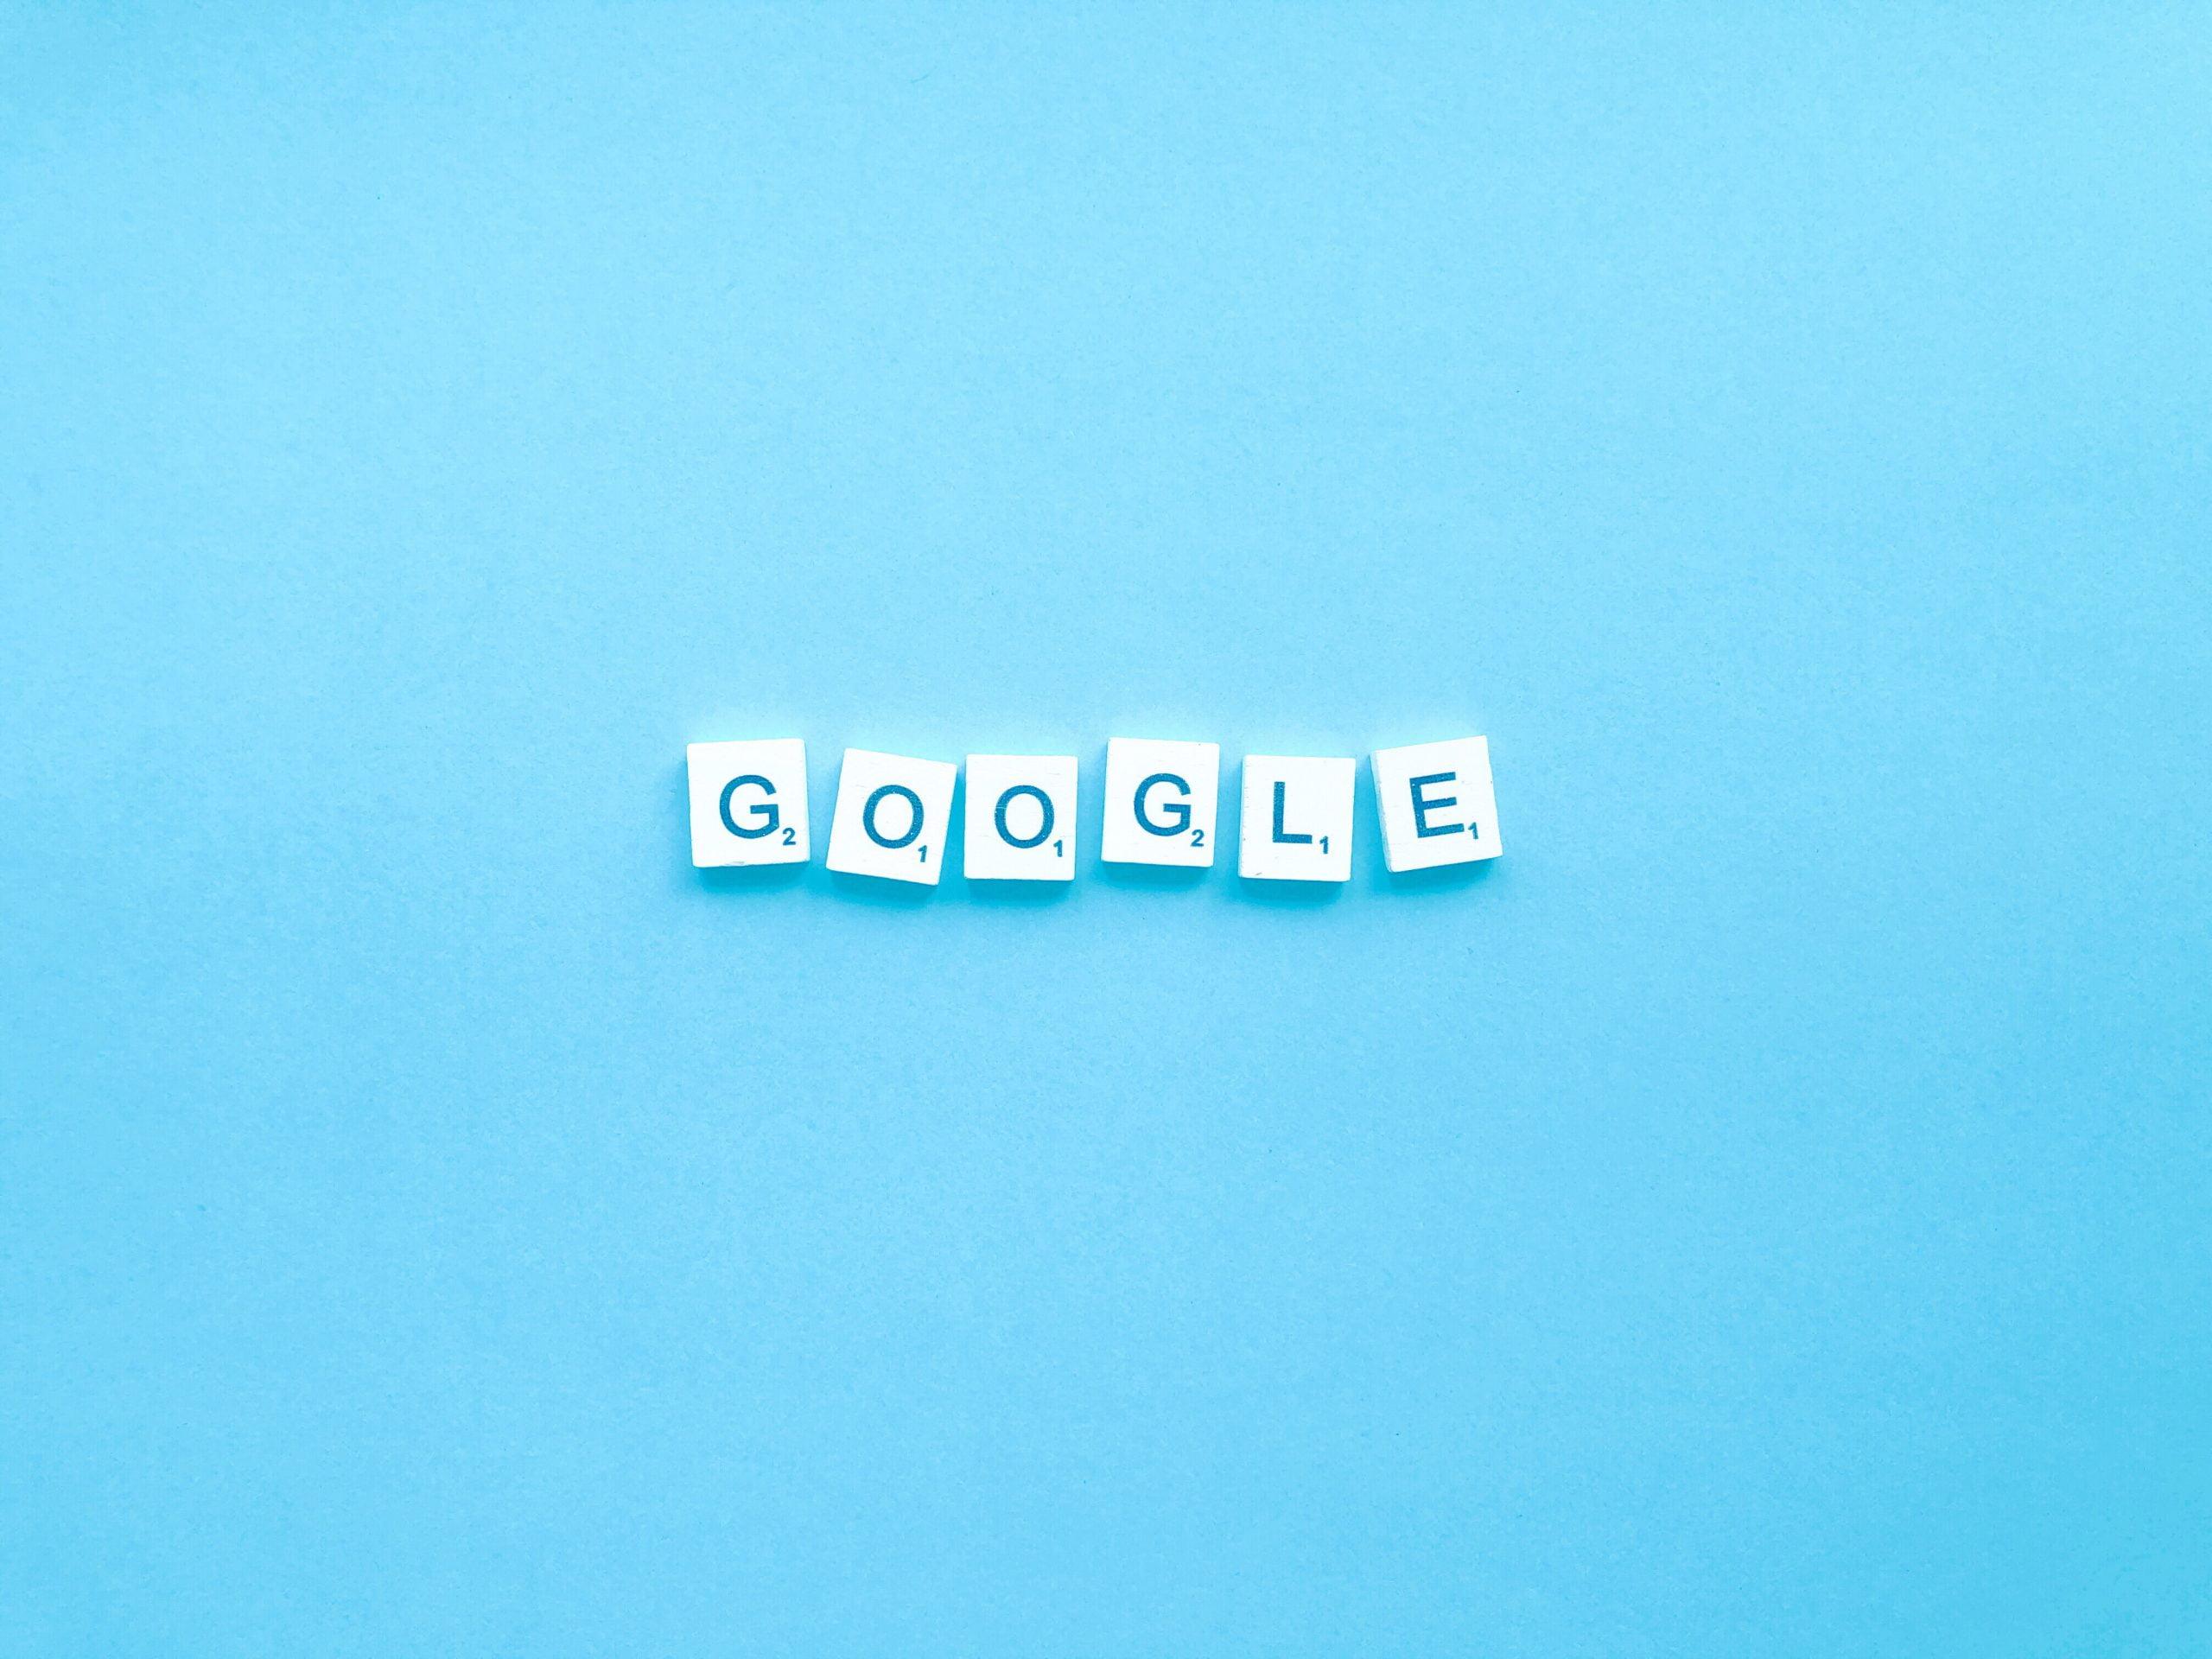 Google ADS'in Avantajları Nelerdir?